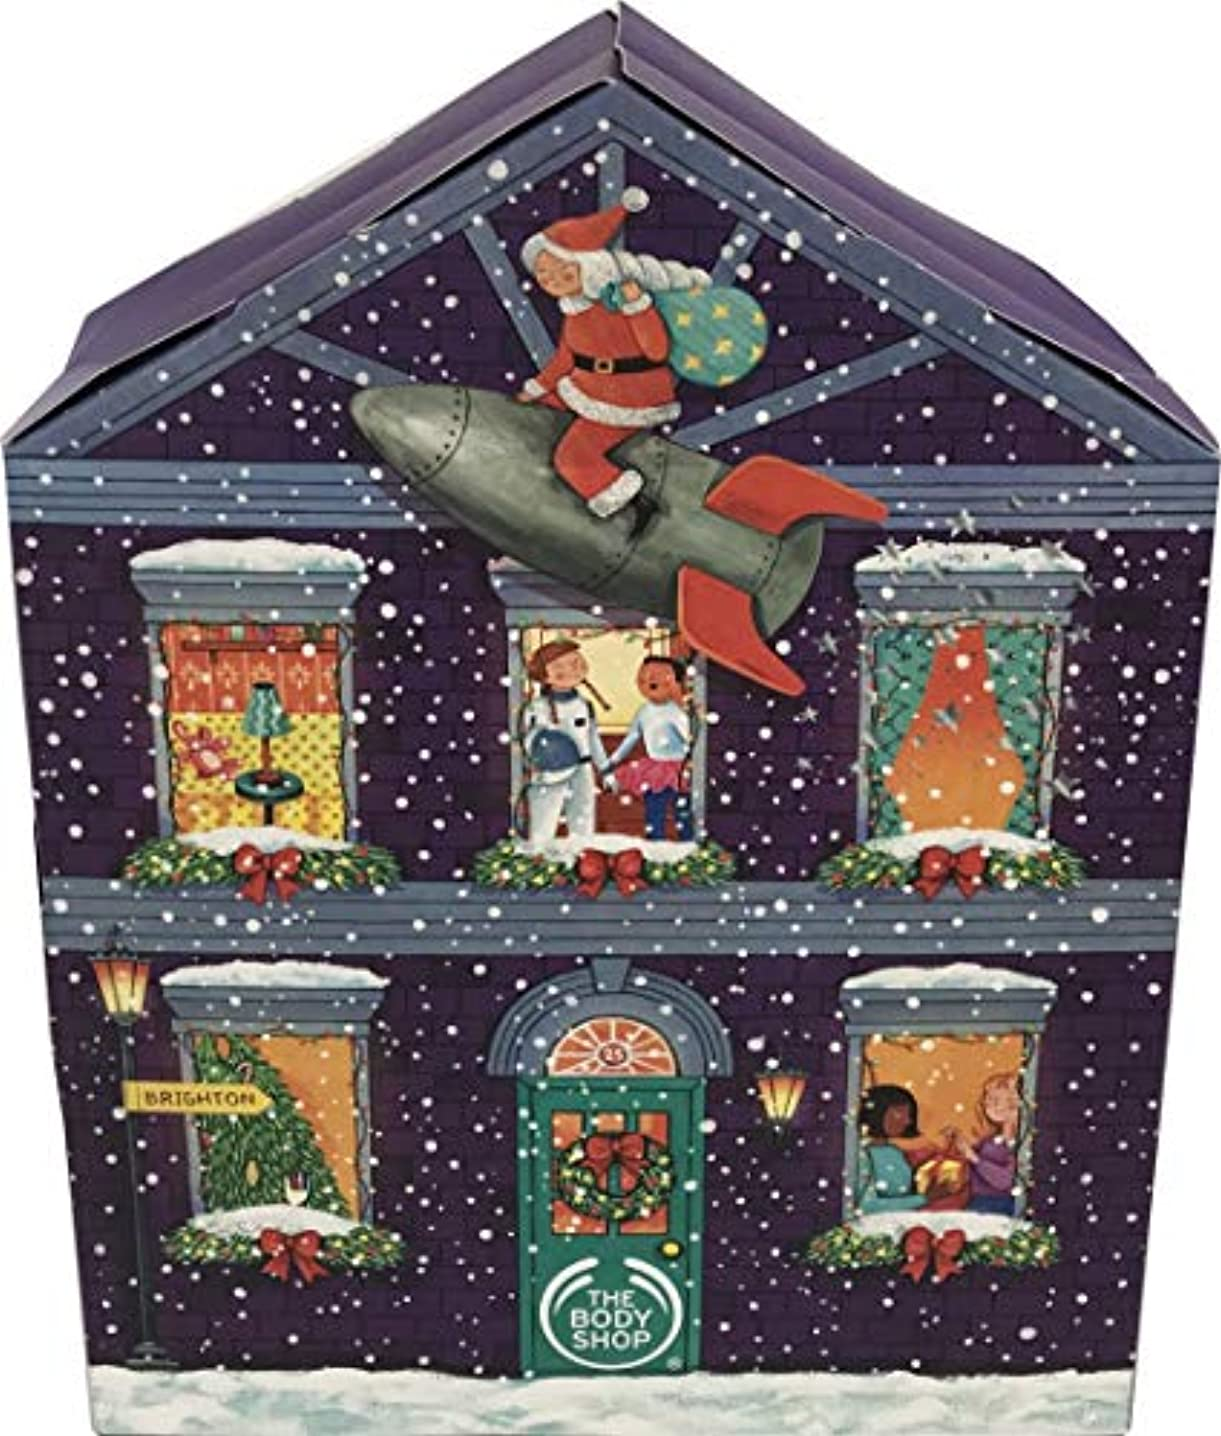 亜熱帯資産思慮深い[ザ?ボディショップ] クリスマ スアドベントカレンダー 2019 発売開始 海外直送品